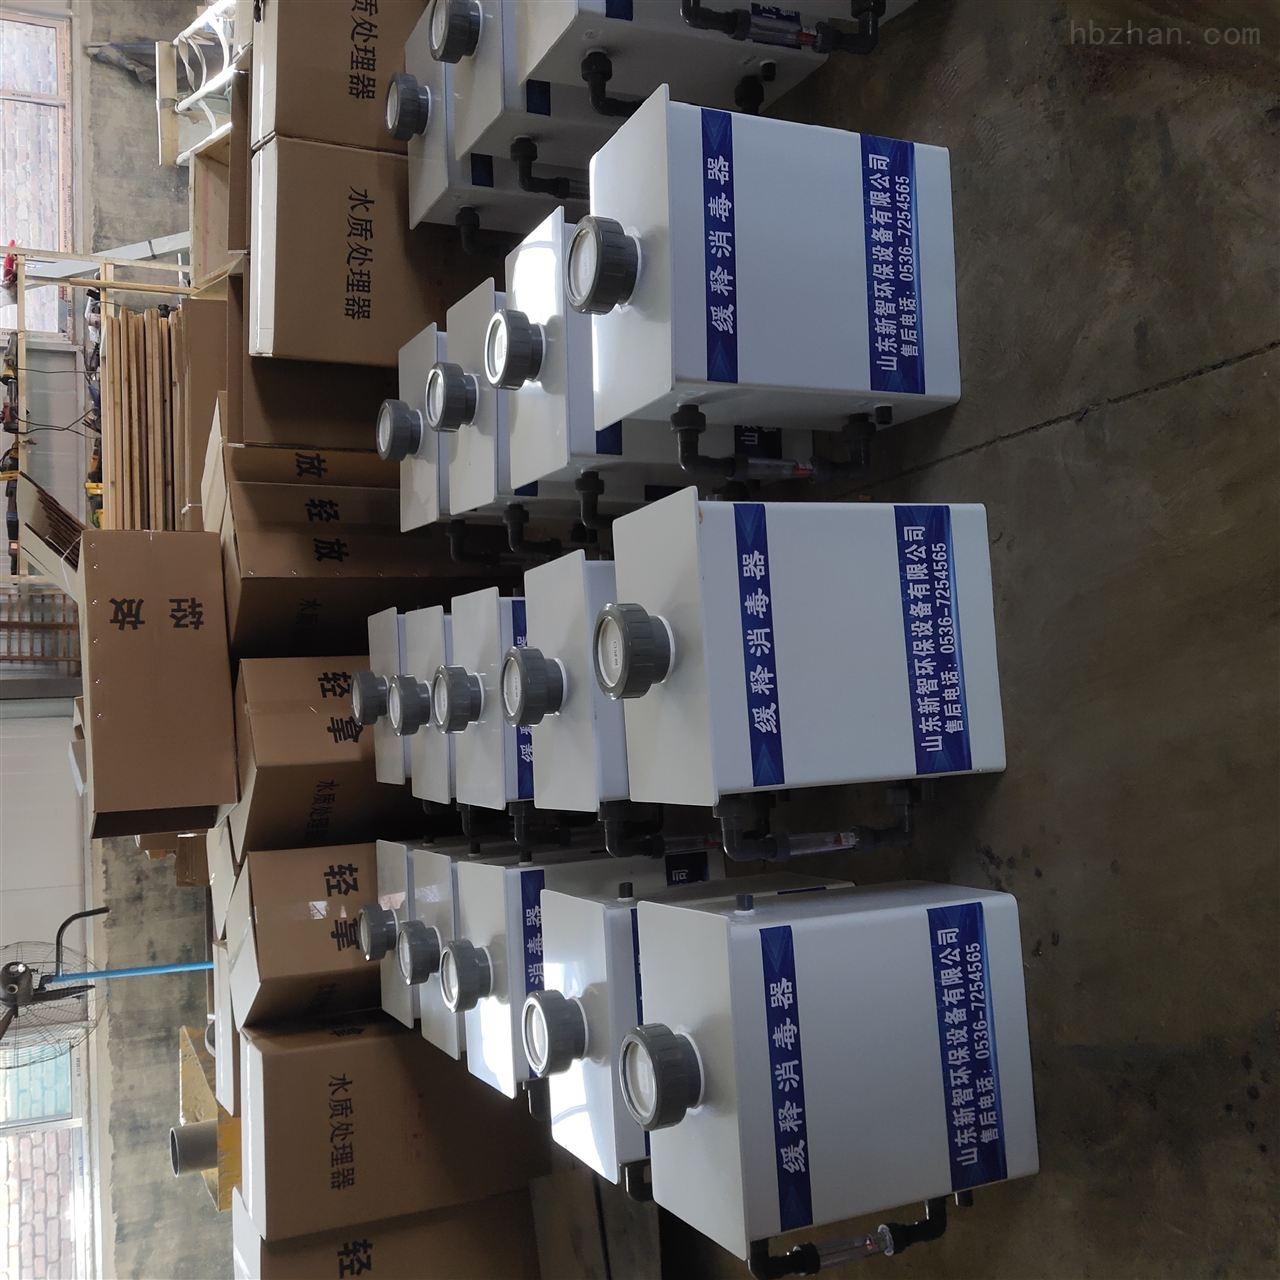 鹤岗牙科污水处理设备品牌